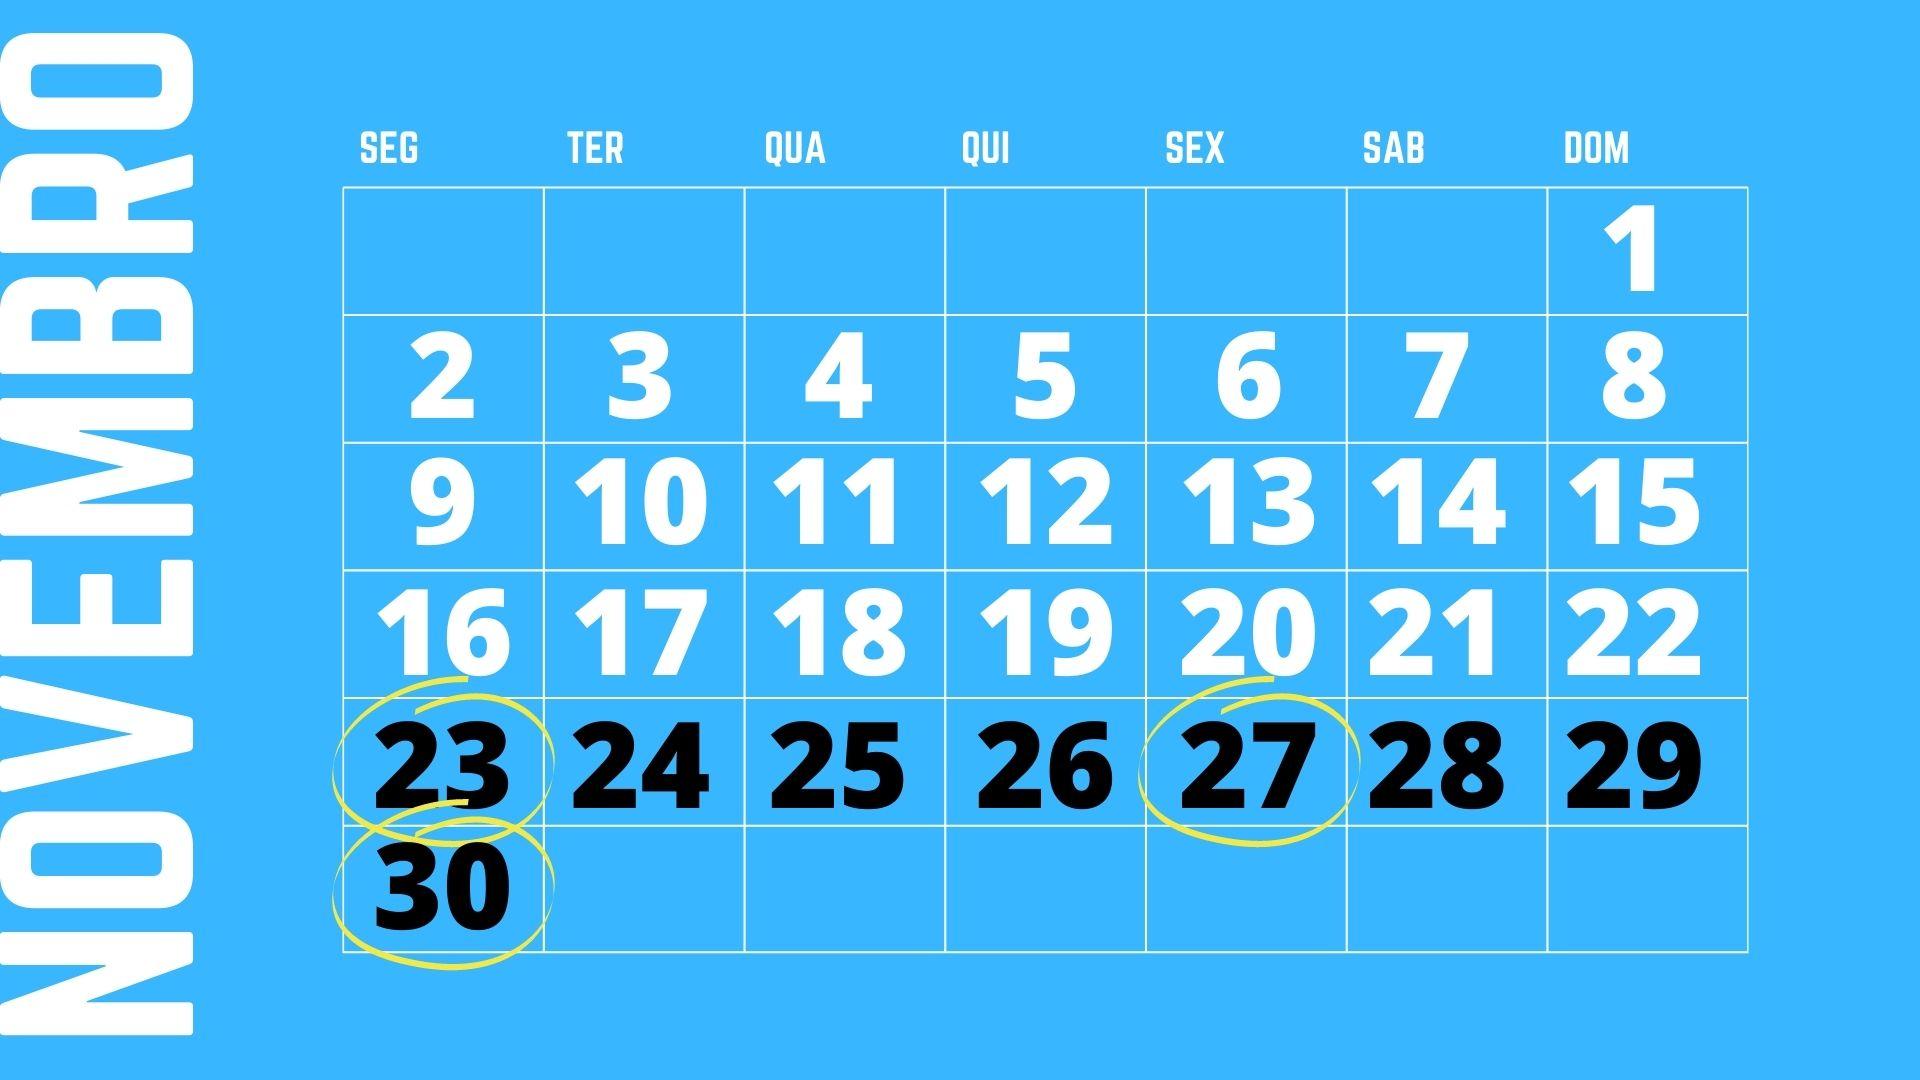 Quando é Black Friday? Calendário do Oberlo para Black Friday Brasil